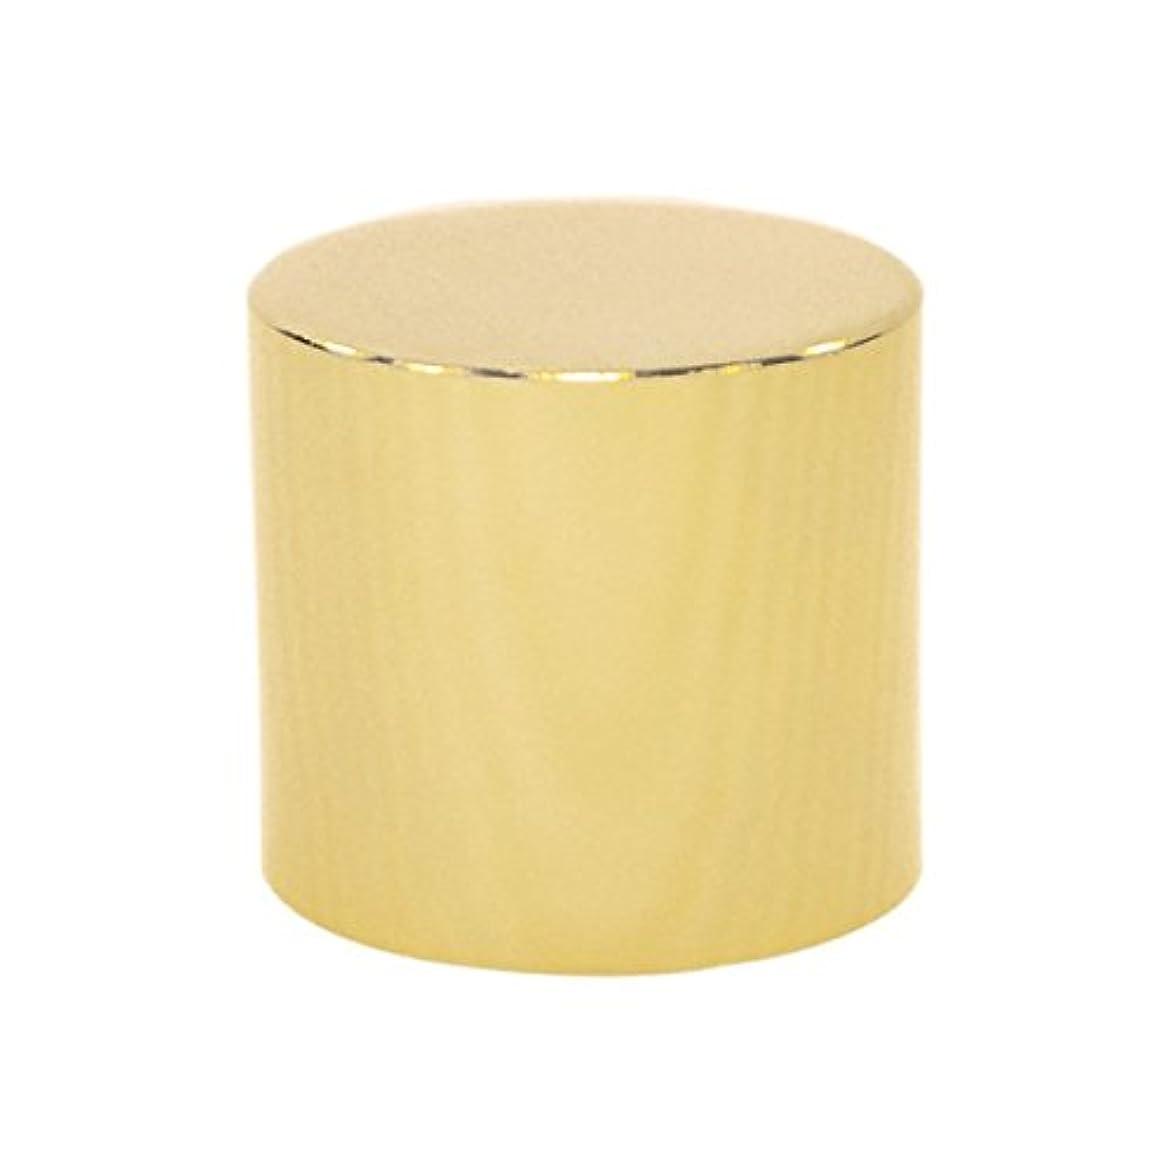 パネル愛国的な共役ランプベルジェ(LAMPE BERGER)消火キャップ【正規輸入品】密閉蓋ゴールド